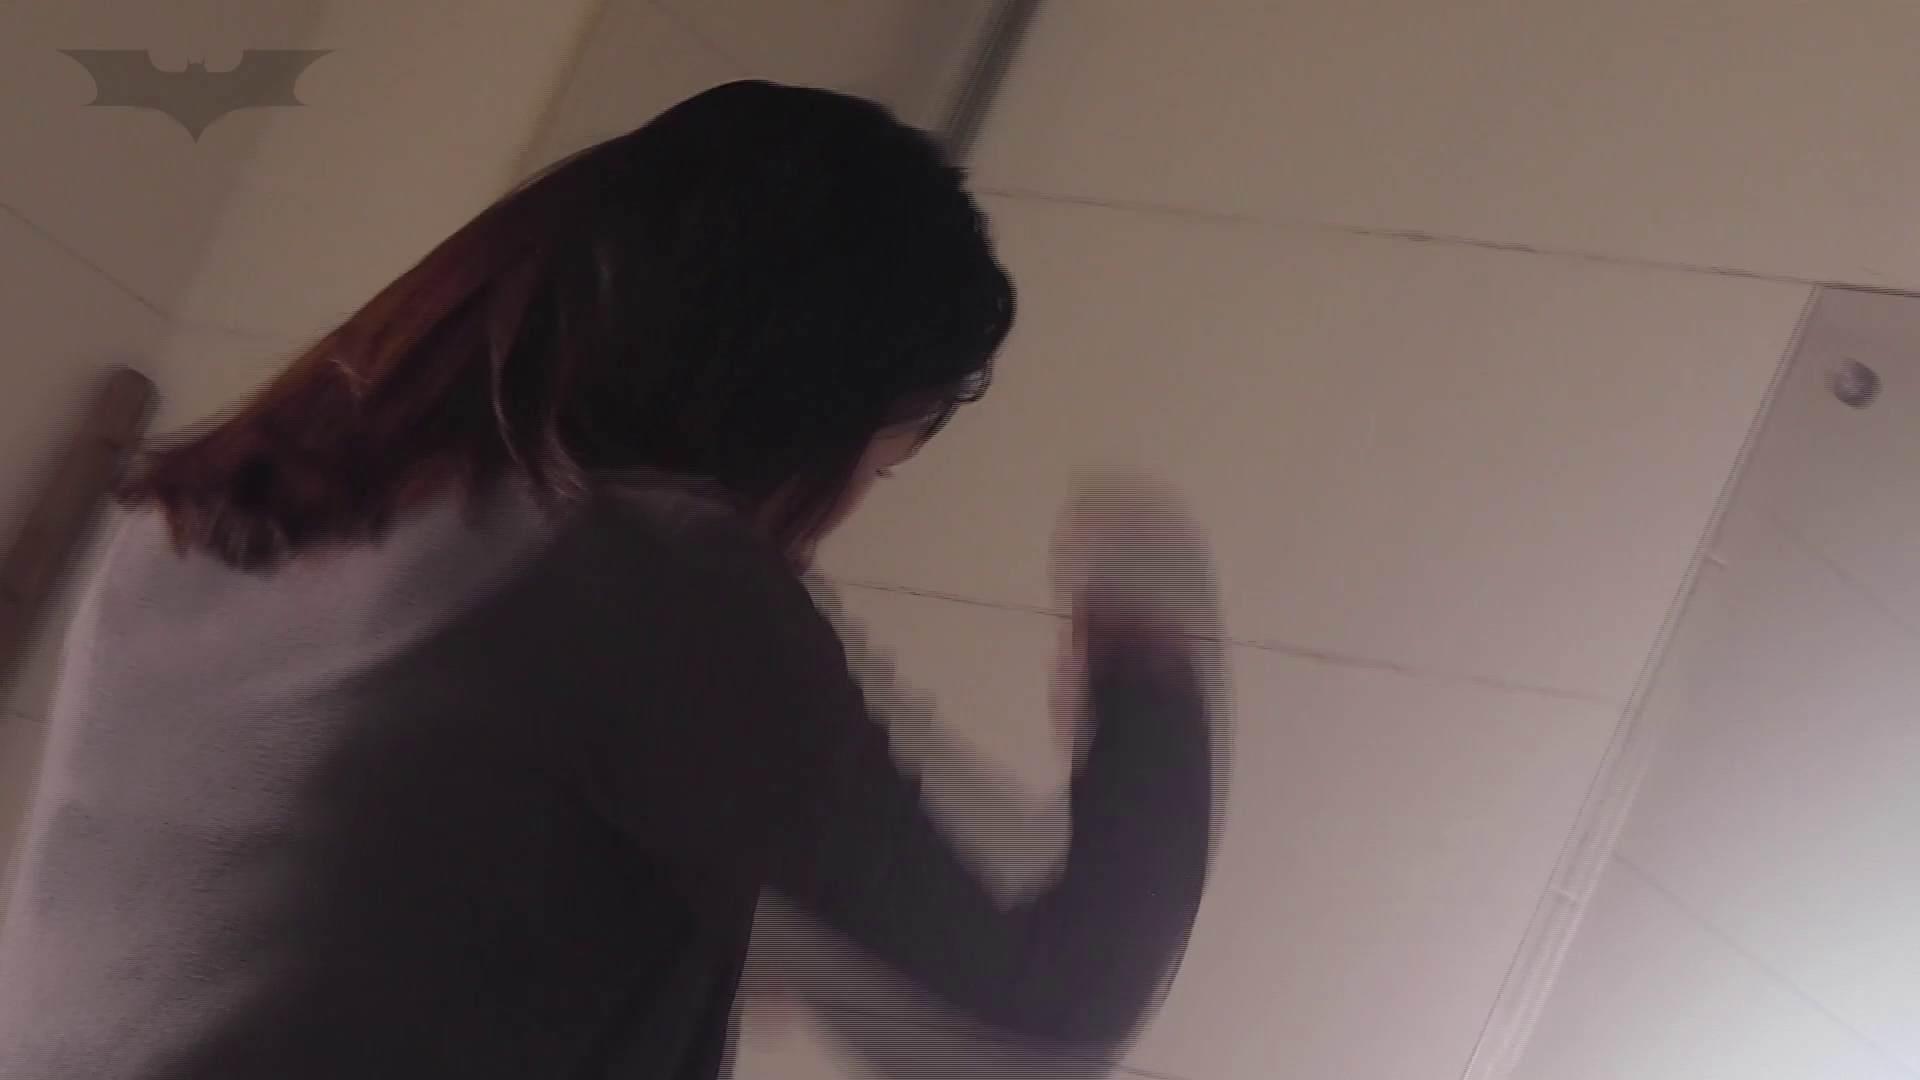 潜入!!台湾名門女学院 Vol.05 15センチ以上の濃厚糸を垂らしながら爽快 潜入 エロ画像 82PIX 31